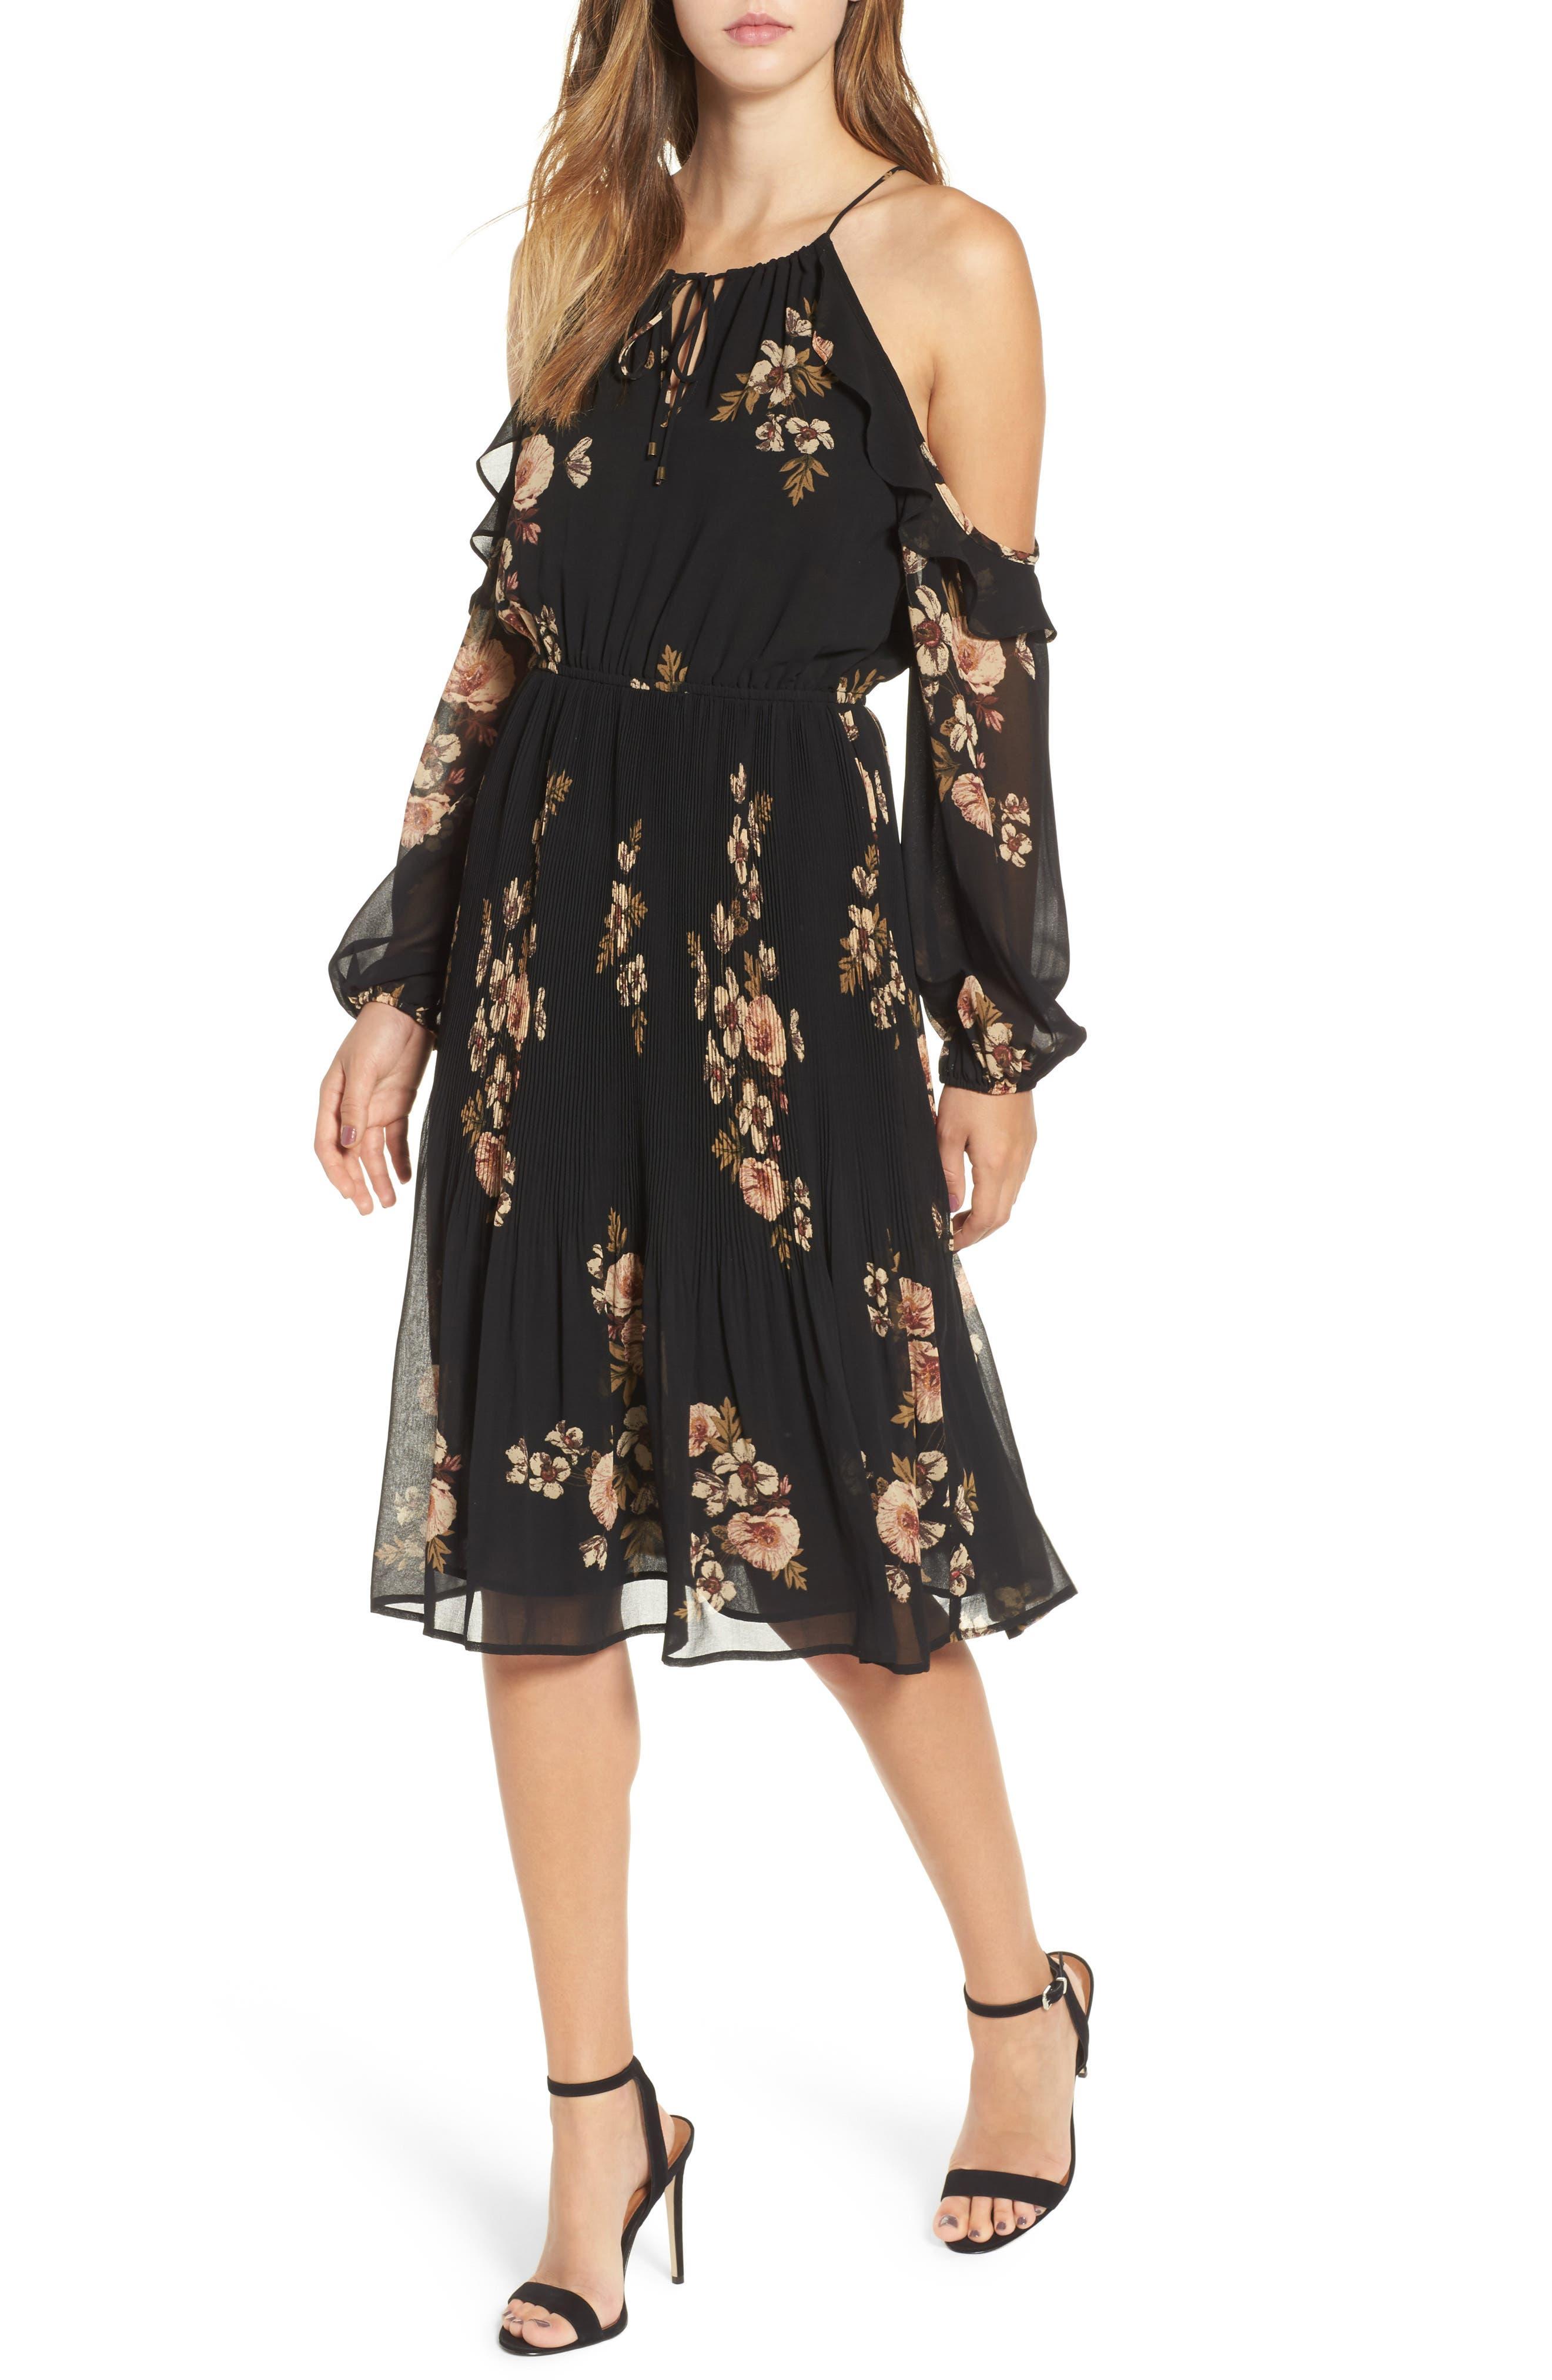 Alternate Image 1 Selected - ASTR the Label Persephone Cold Shoulder Dress